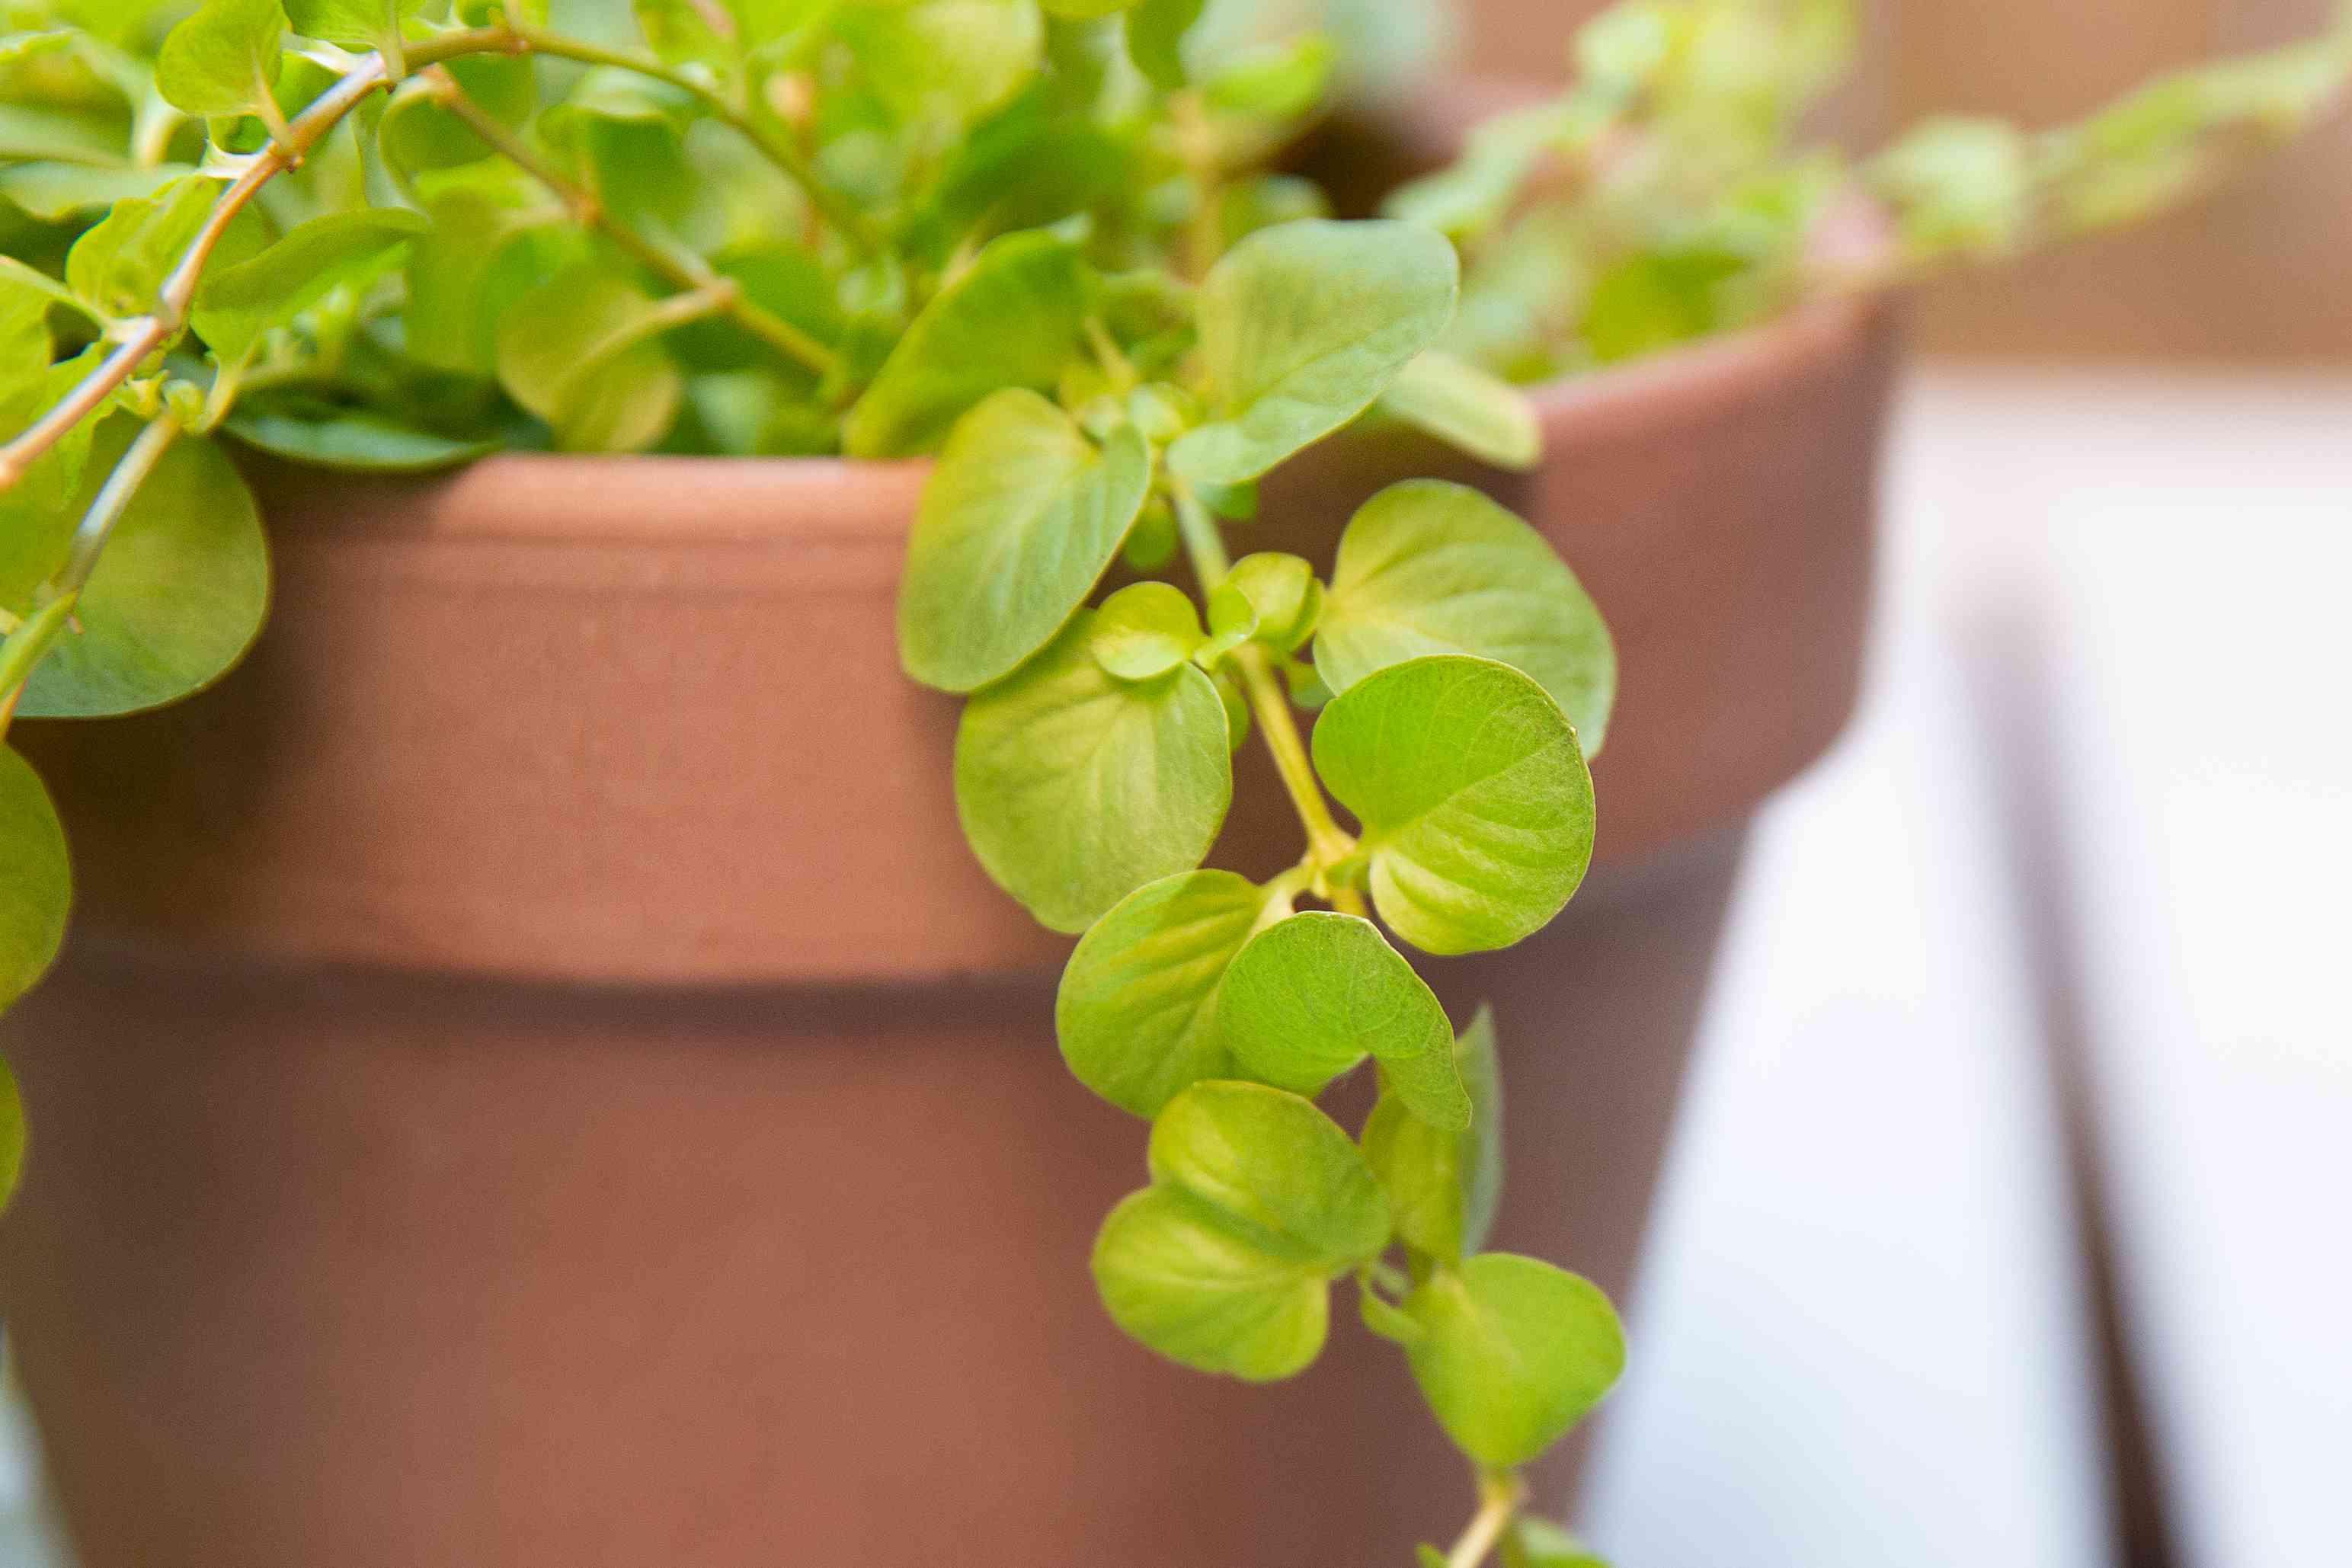 coin-like foliage of creeping jenny